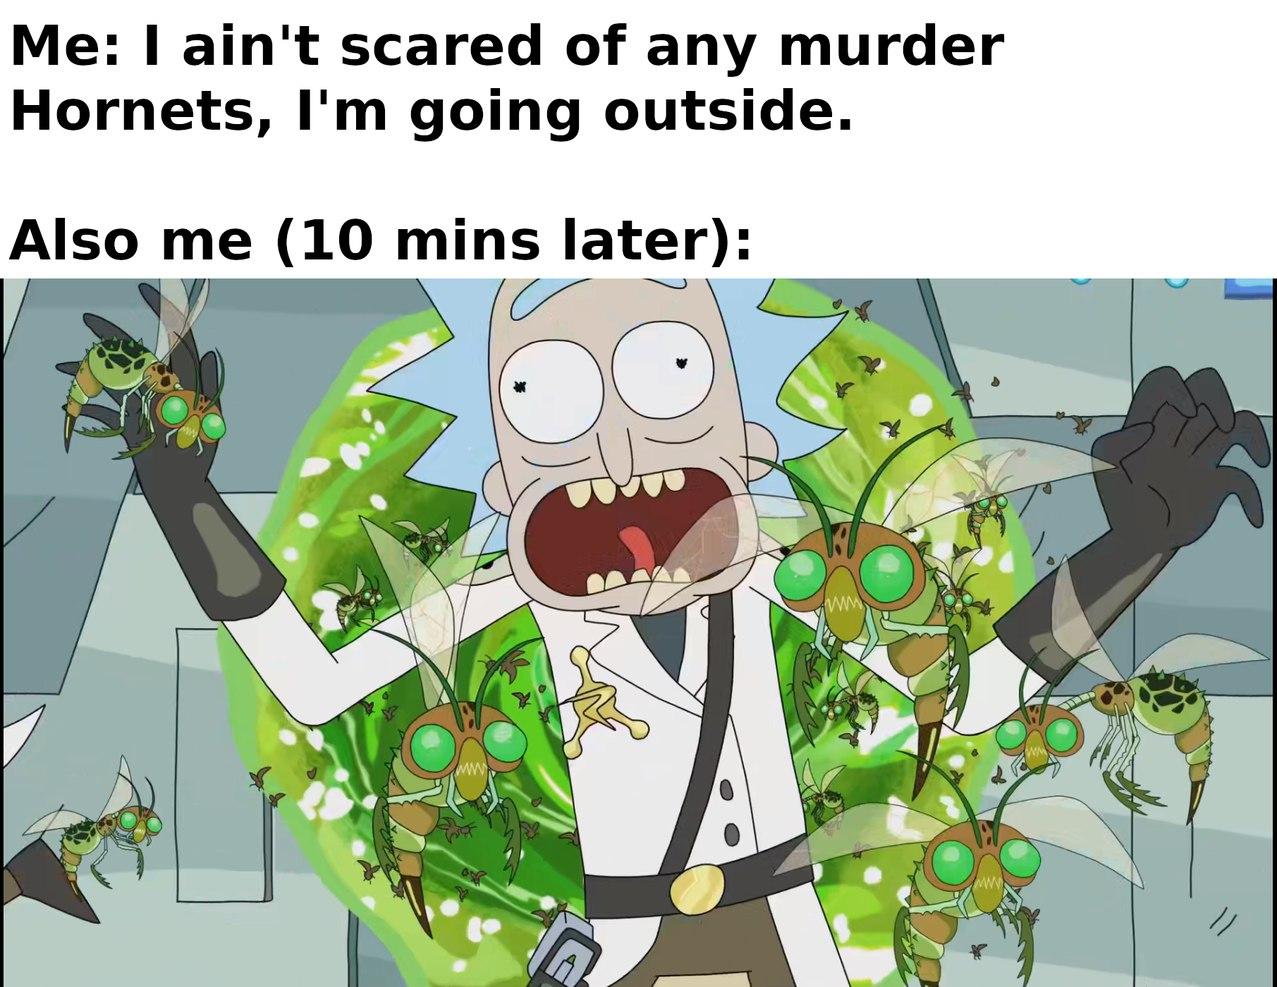 I ain't scared - meme